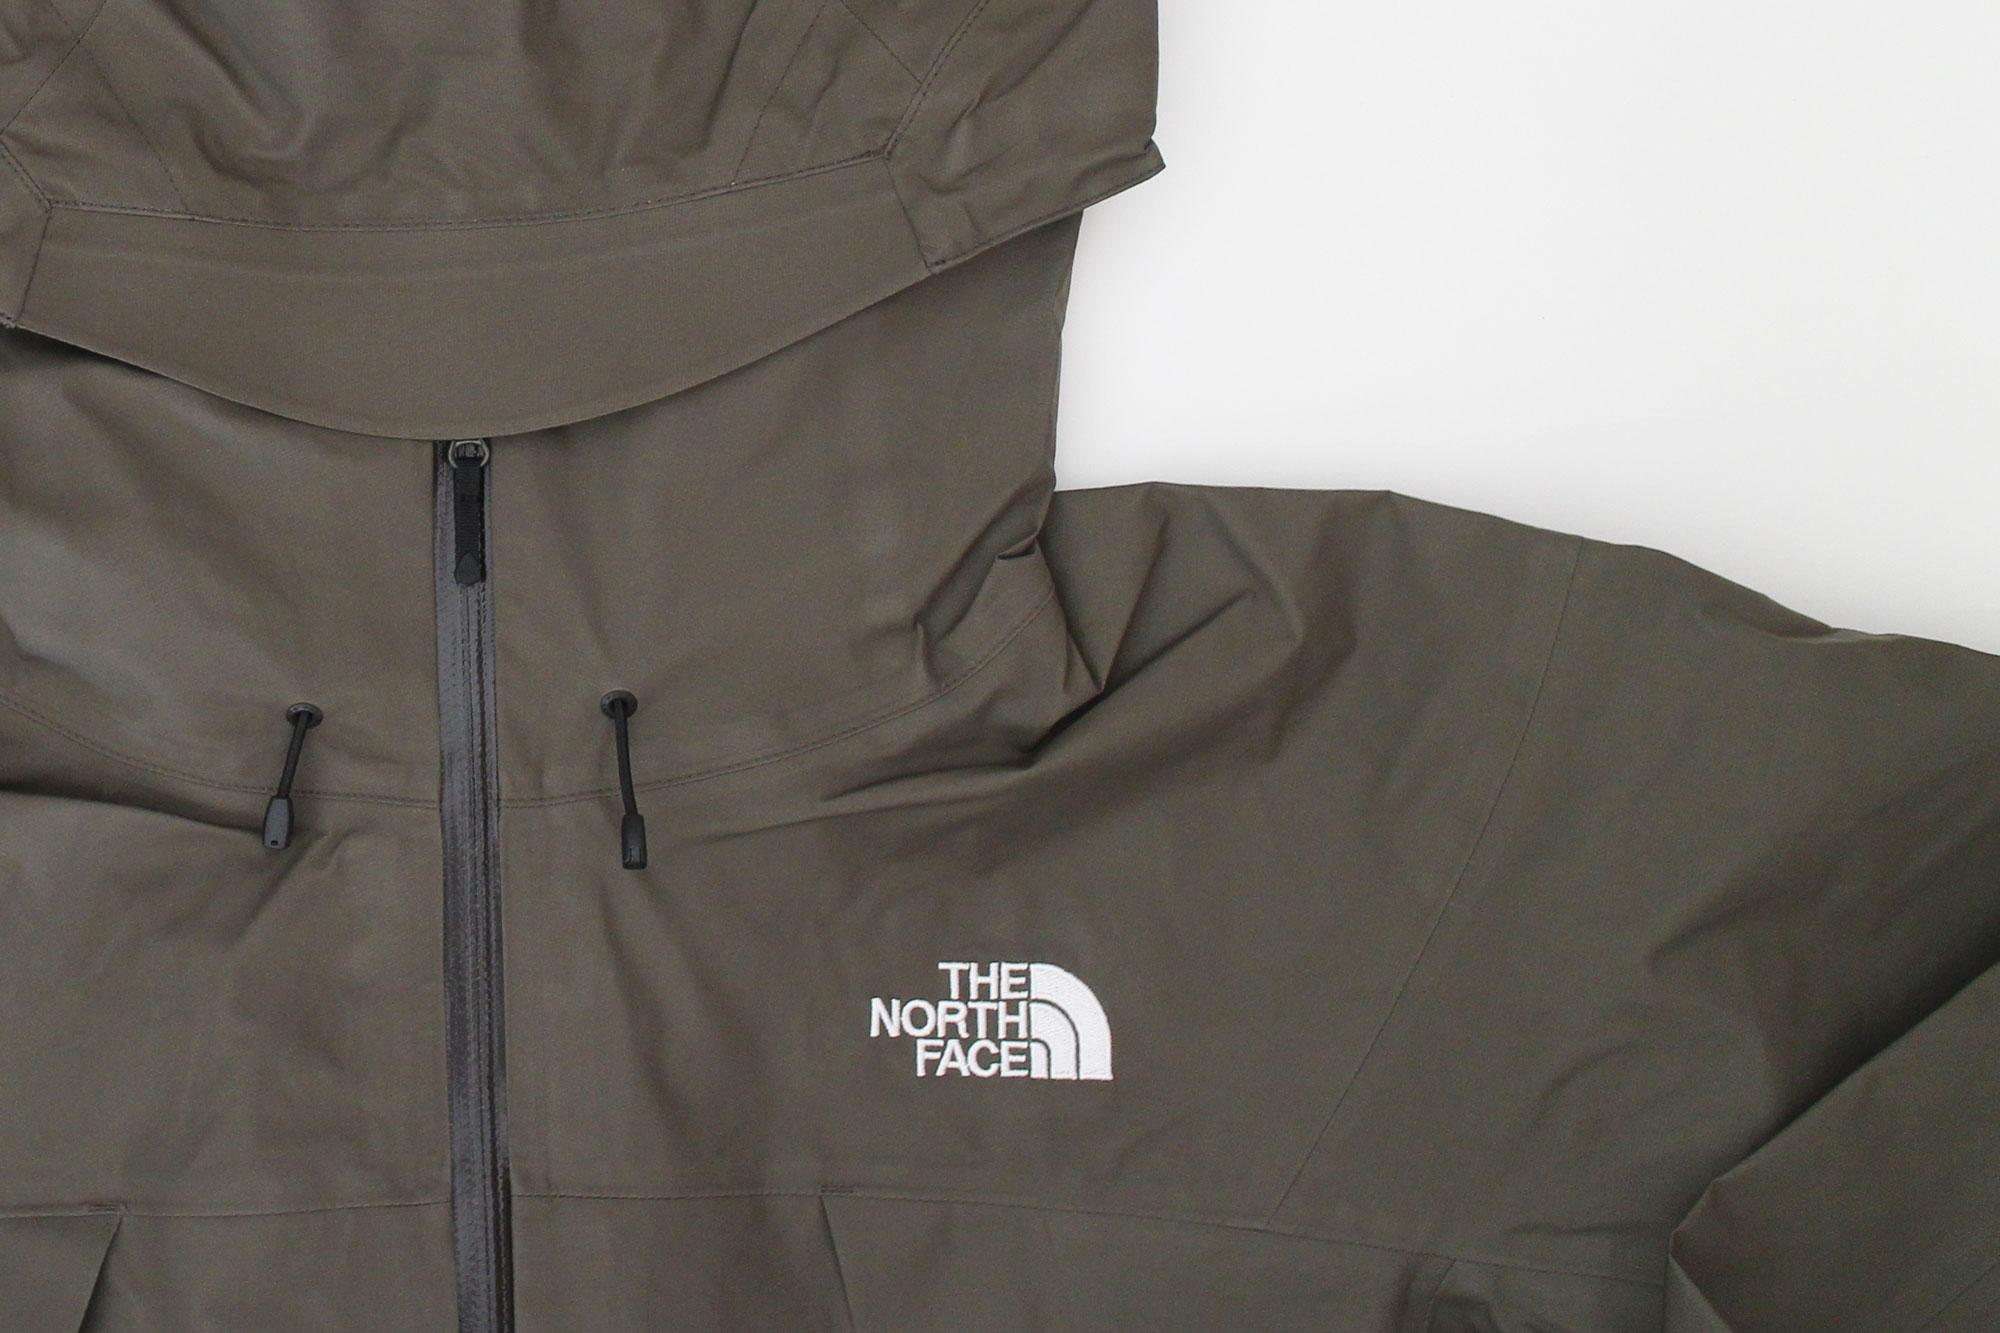 THE NORTH FACE クライム ライト ジャケット メンズ